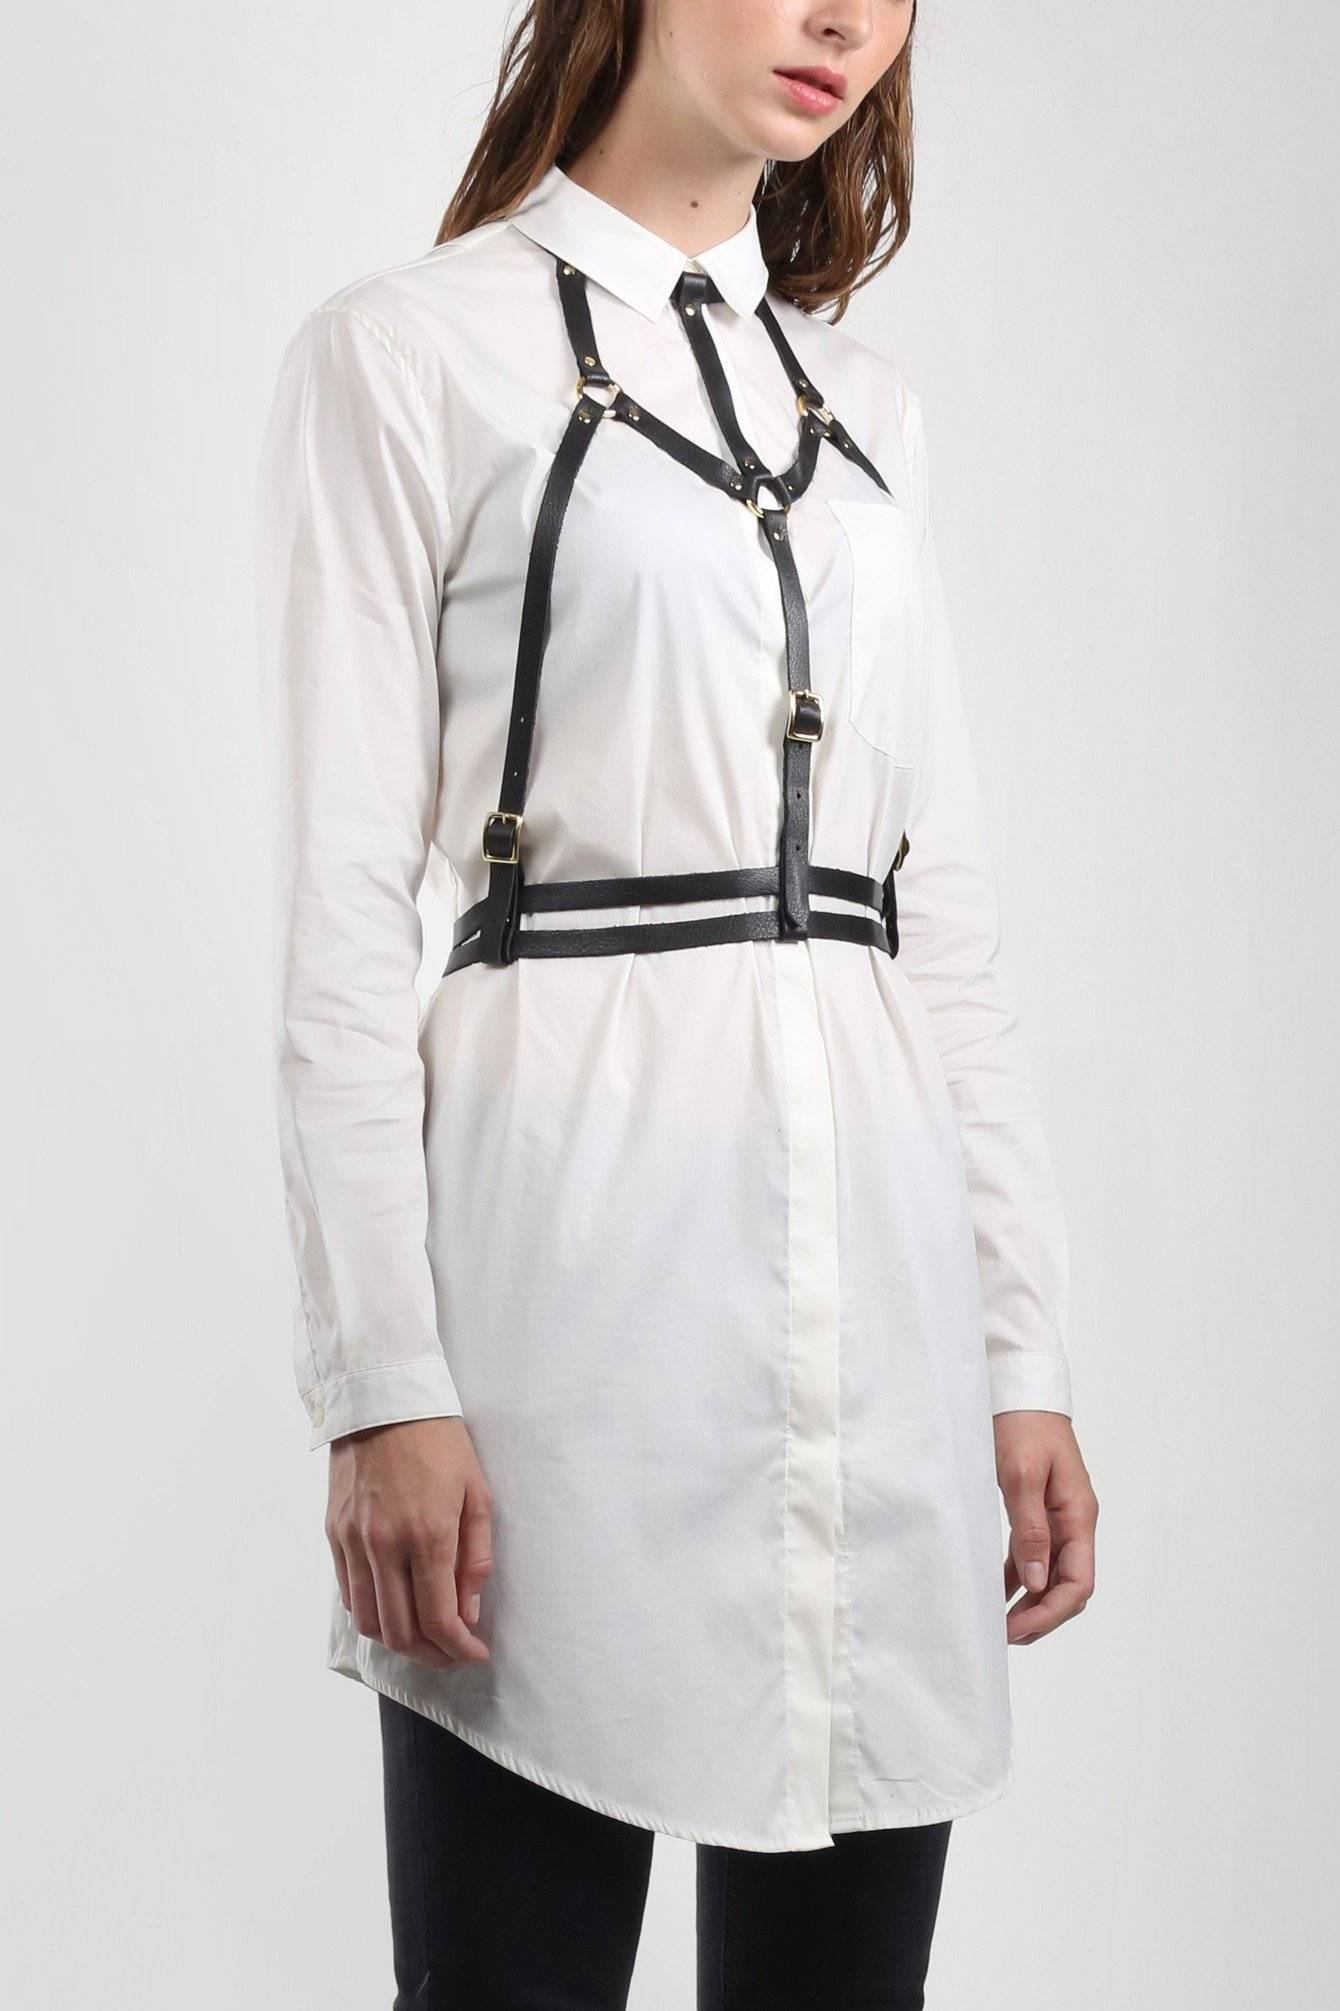 Shop JAKIMAC Harnesses